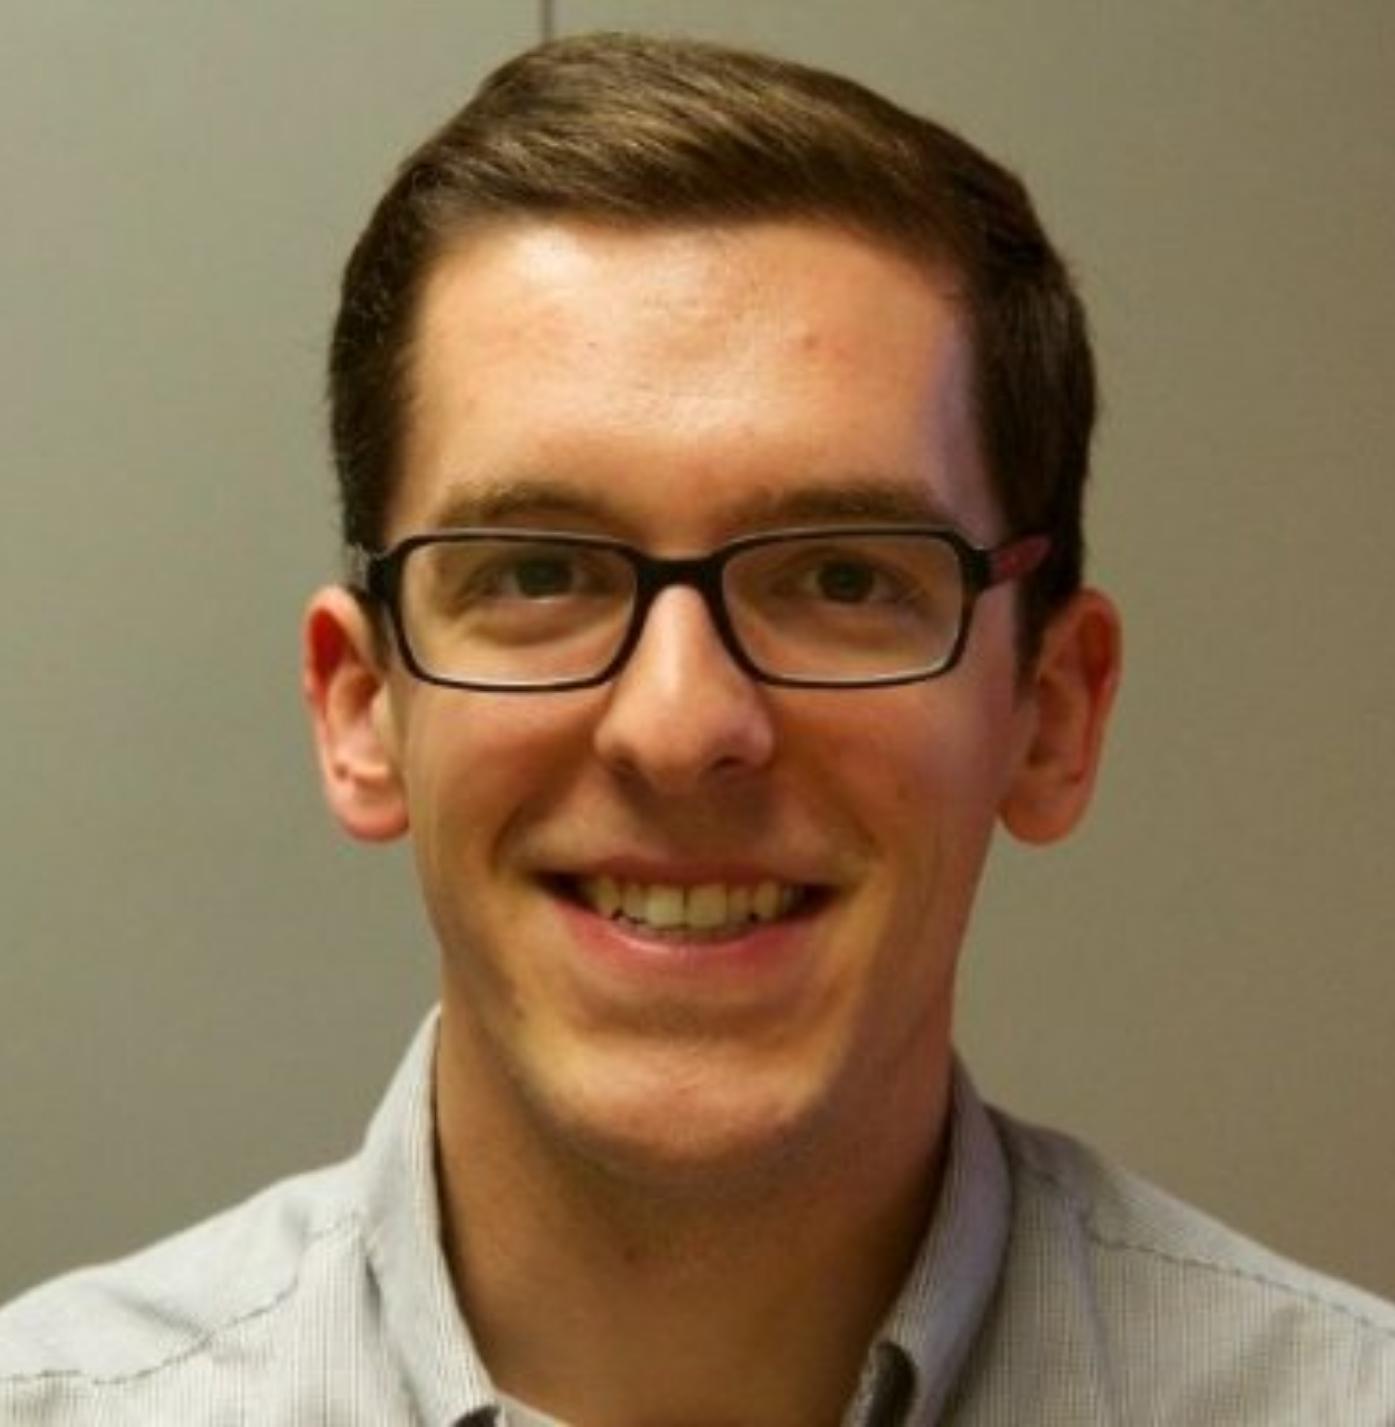 Joseph A. Manfredonia  PhD Student